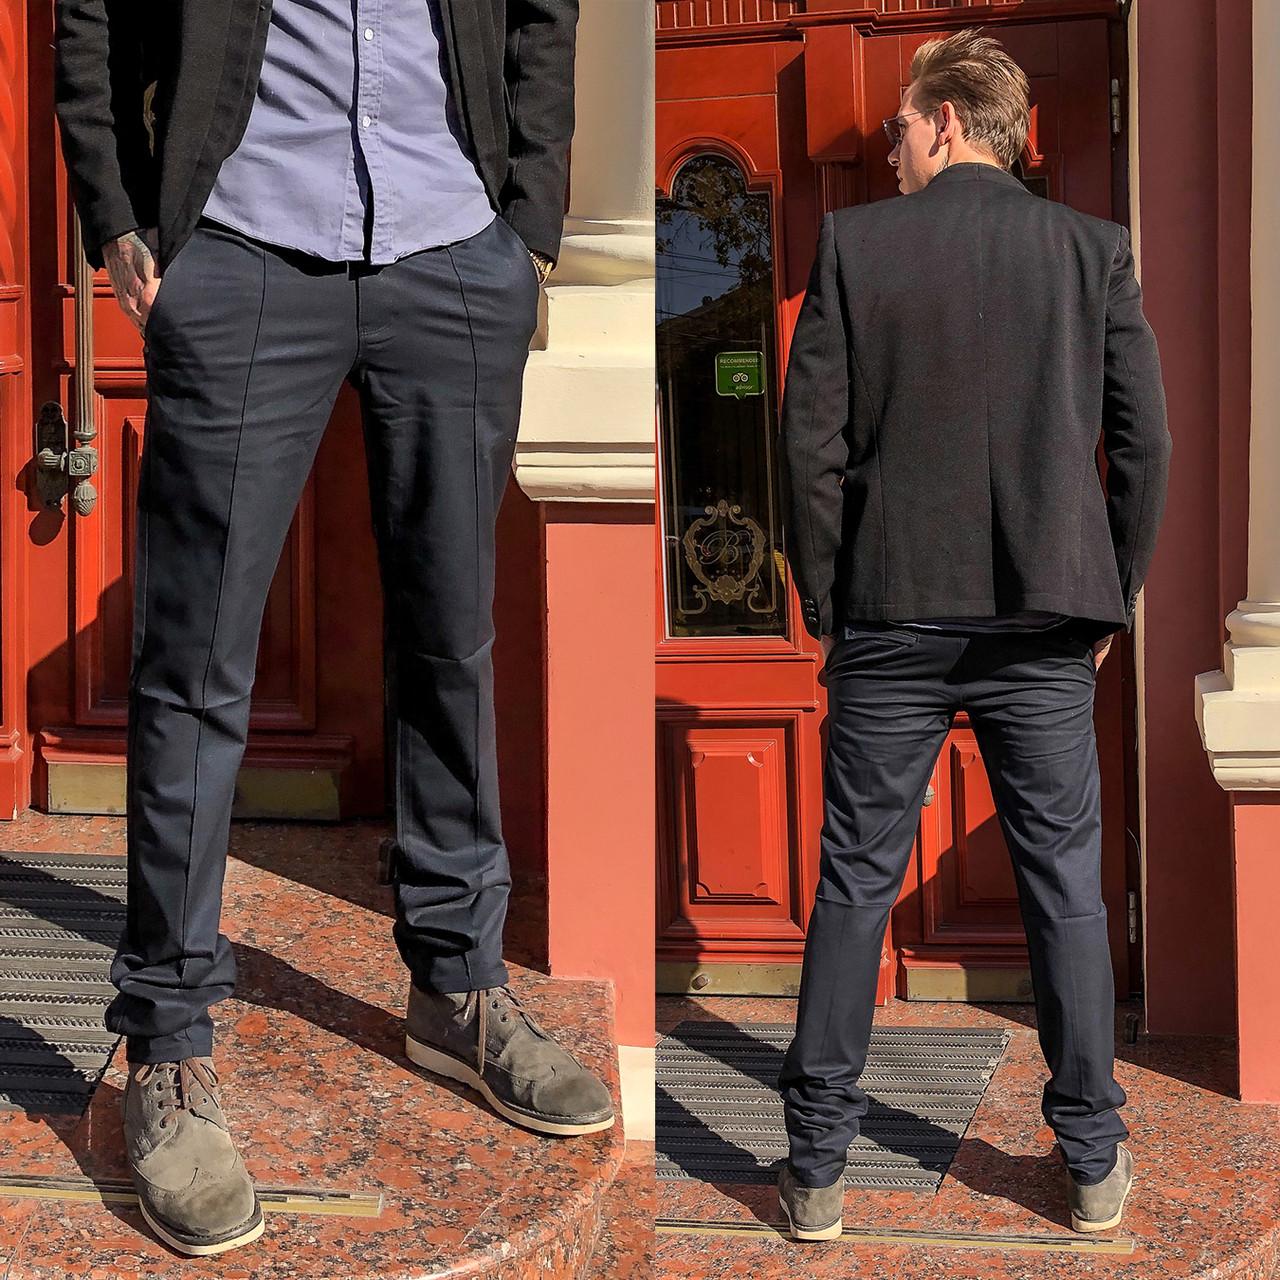 7751-H218 Prodigy брюки мужские полубатальные темно-серые весенние стрейчевые (32-38, 7 ед.)